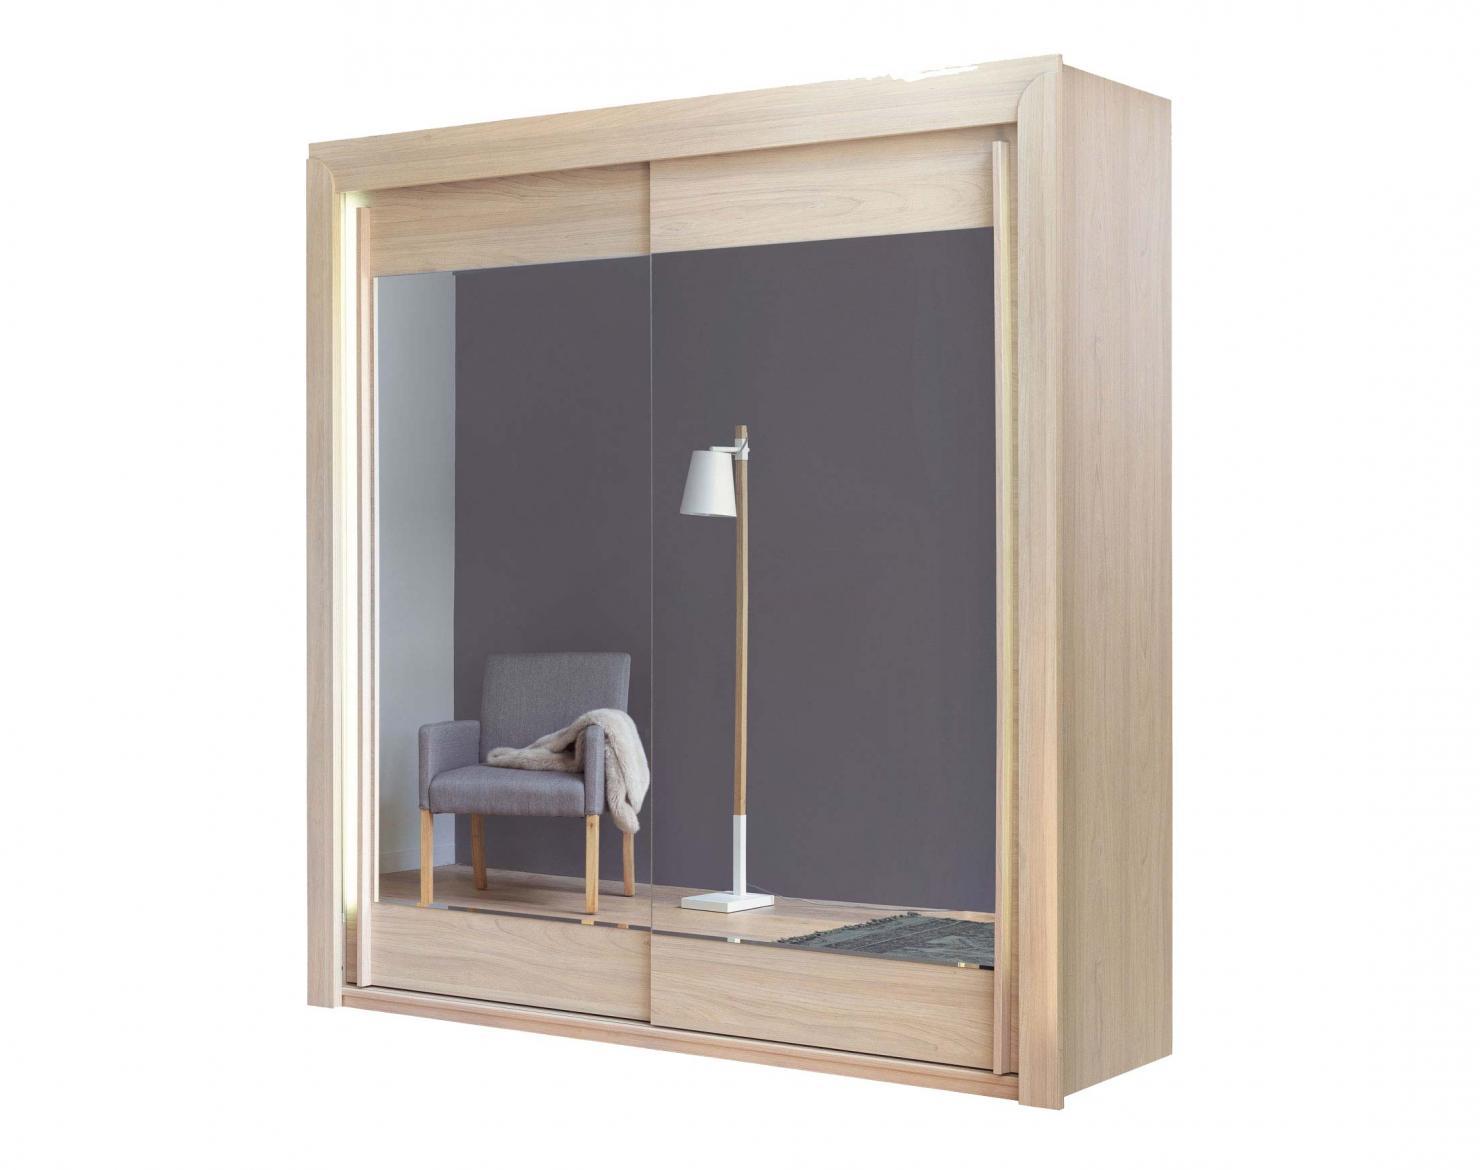 Armoire 2 Portes Coulissantes Miroirs Biseautes Cosy Meubles Celio